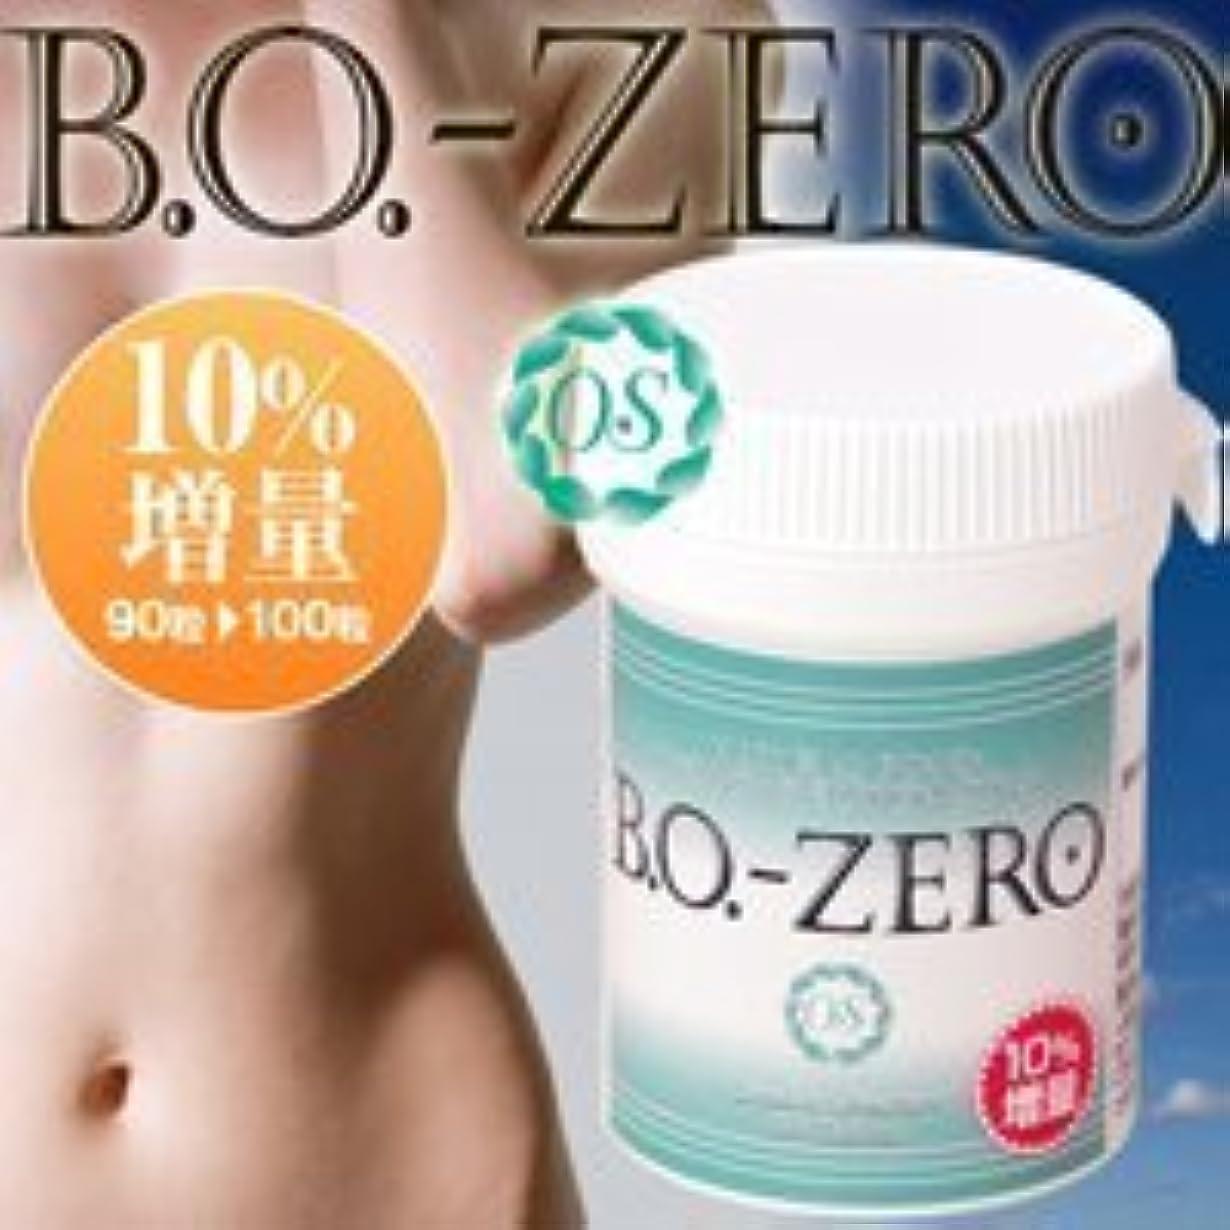 衝動自然公園カートBO ZERO (ビーオー ゼロ) 10%増量×2個セット?  体臭 口臭 汗臭 ワキガ などの対策に